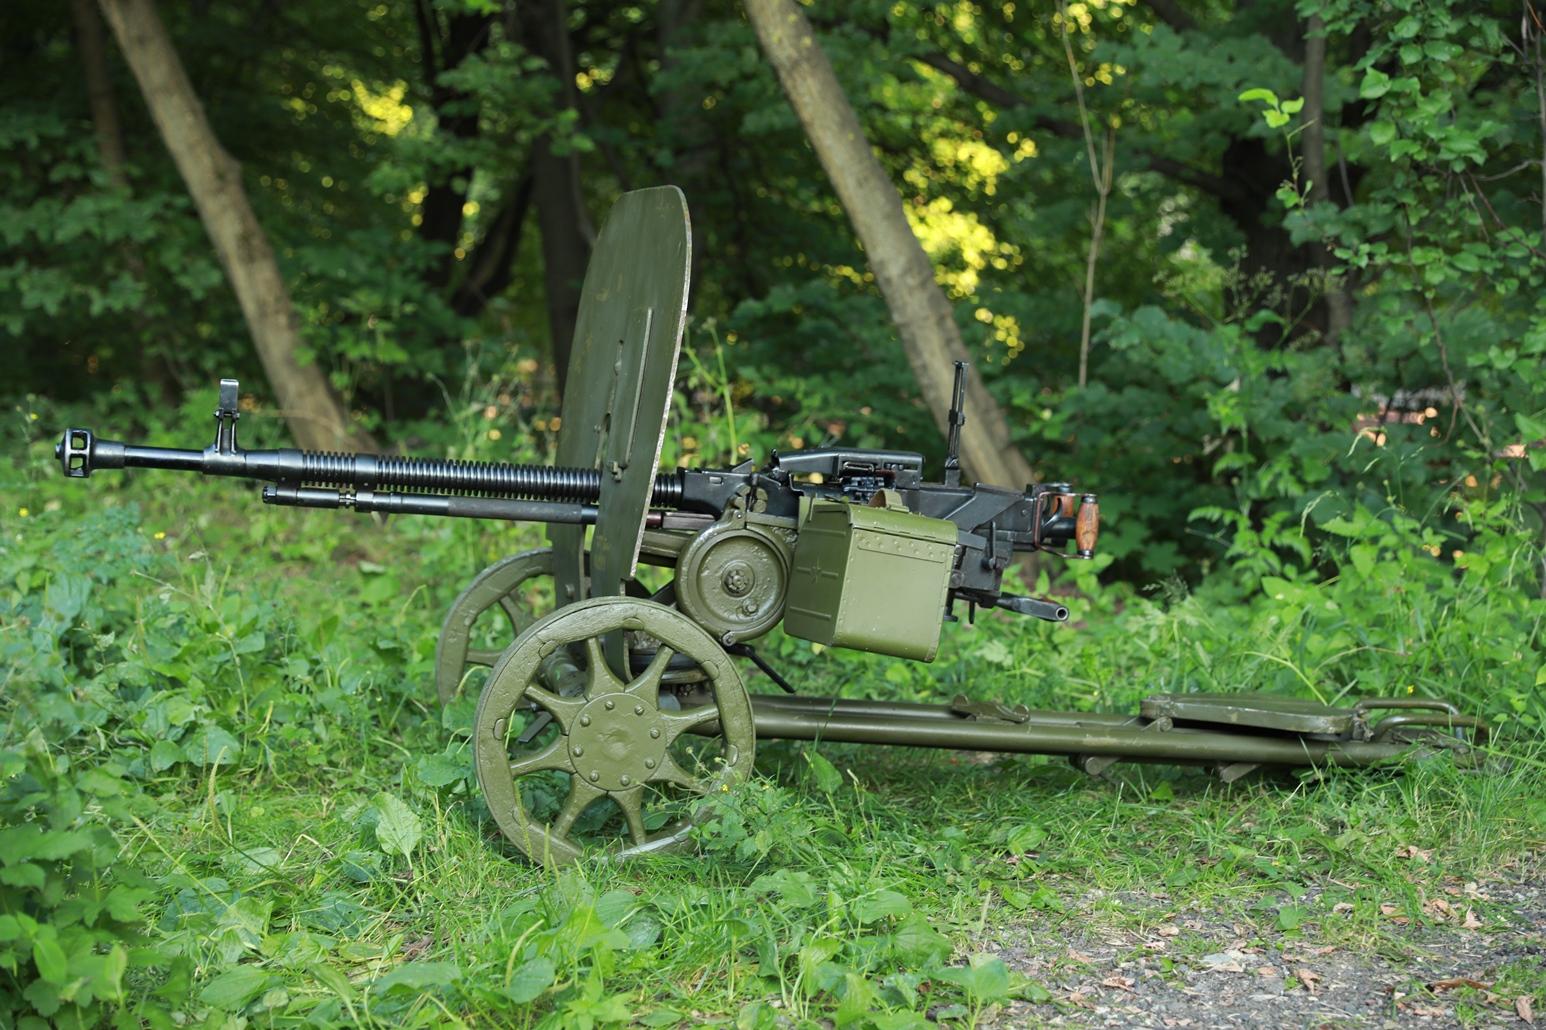 Станковый пулемет ДШКМ 1970 года №Я621, комплектный станок 1943 года №ЖТ572